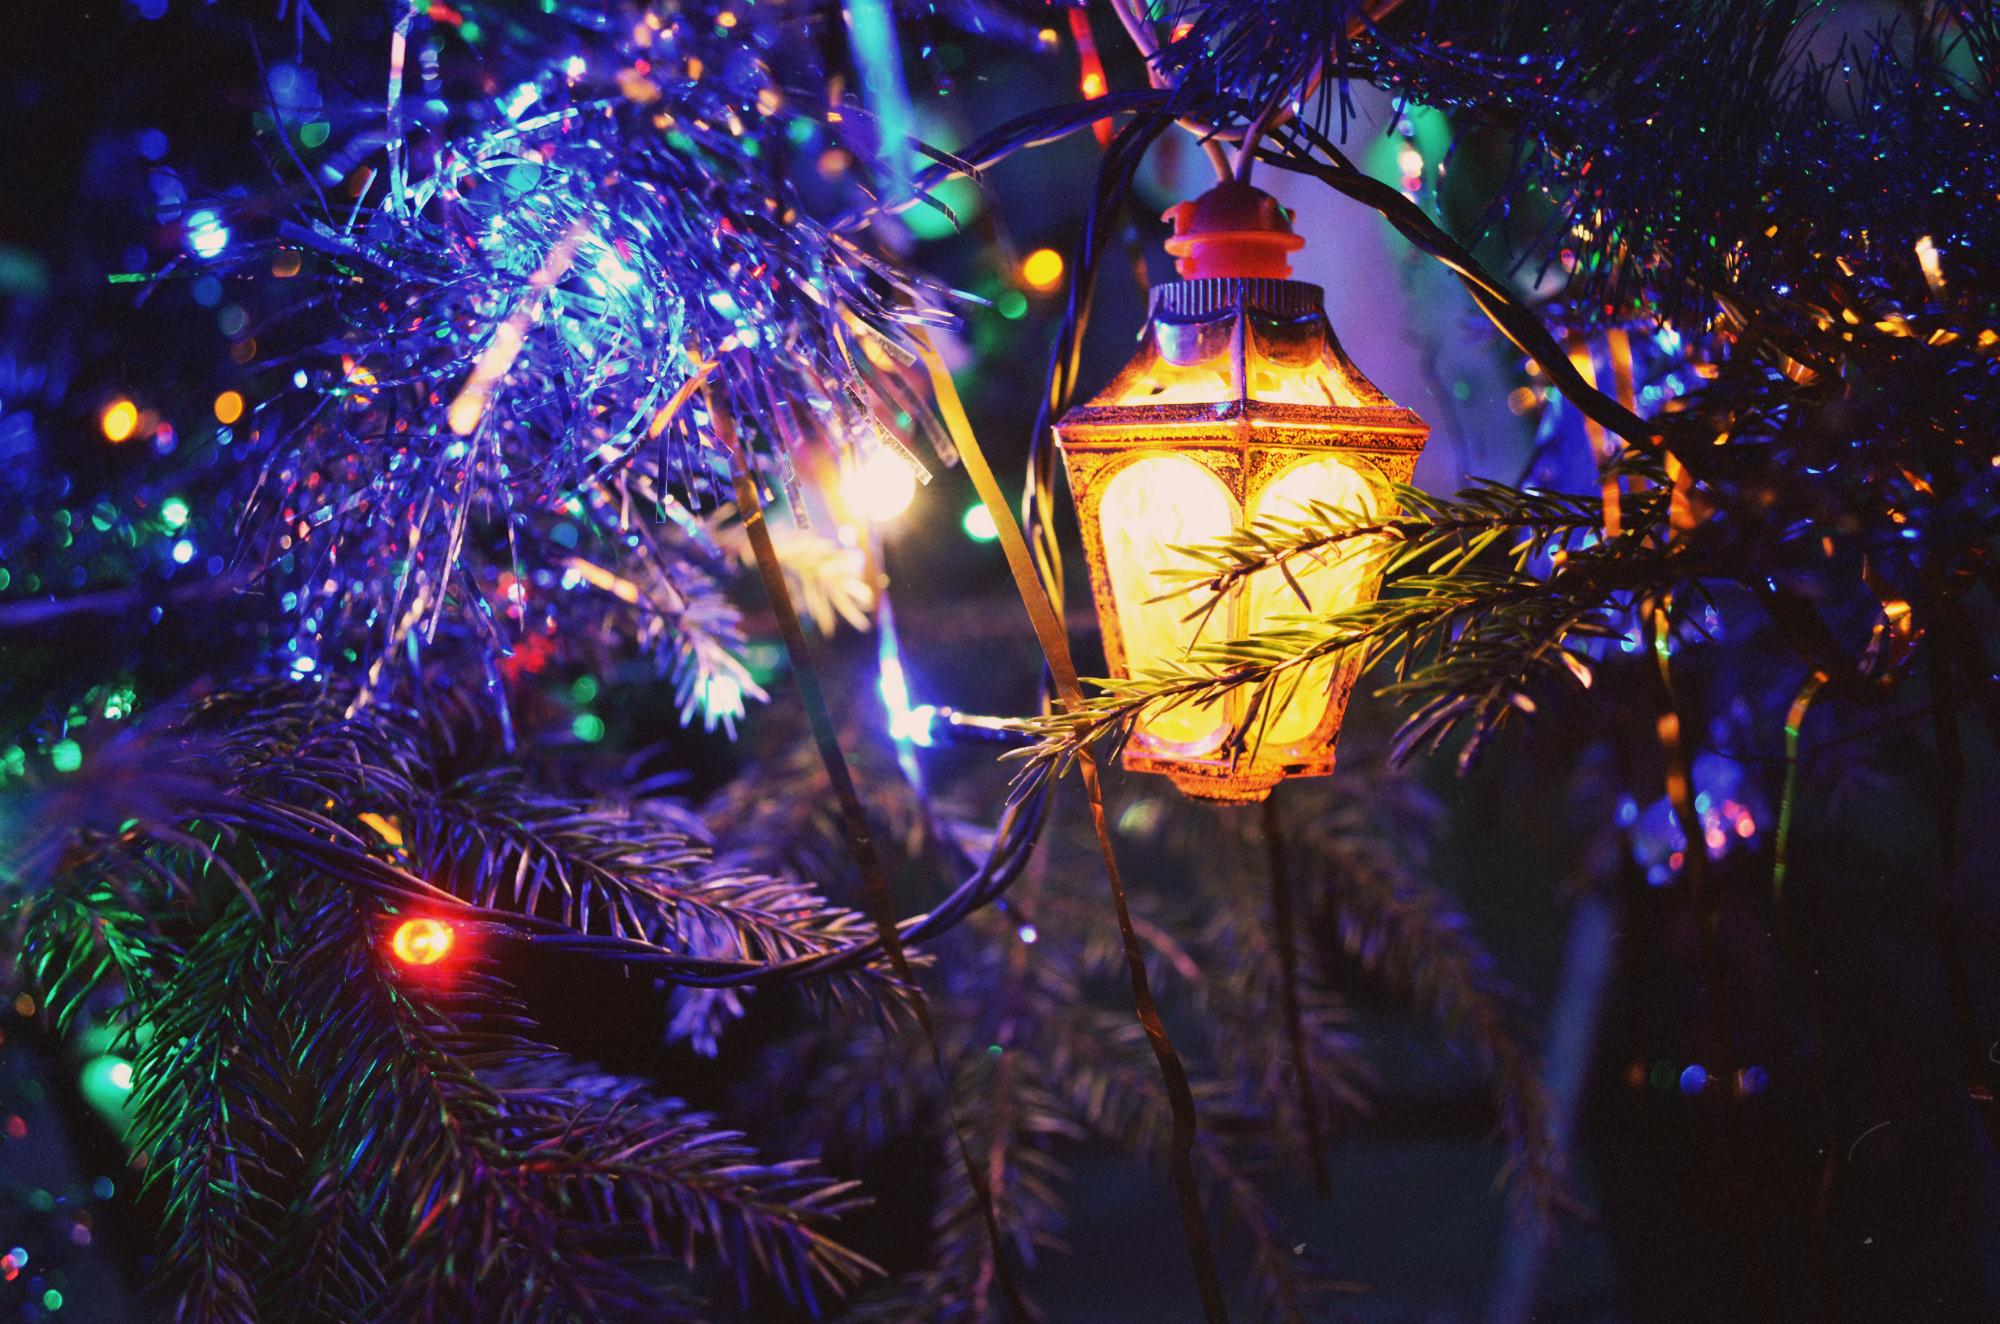 пылесосы новогодние обои на рабочий стол елка в огнях широкоформатные нецерковных матушек среди